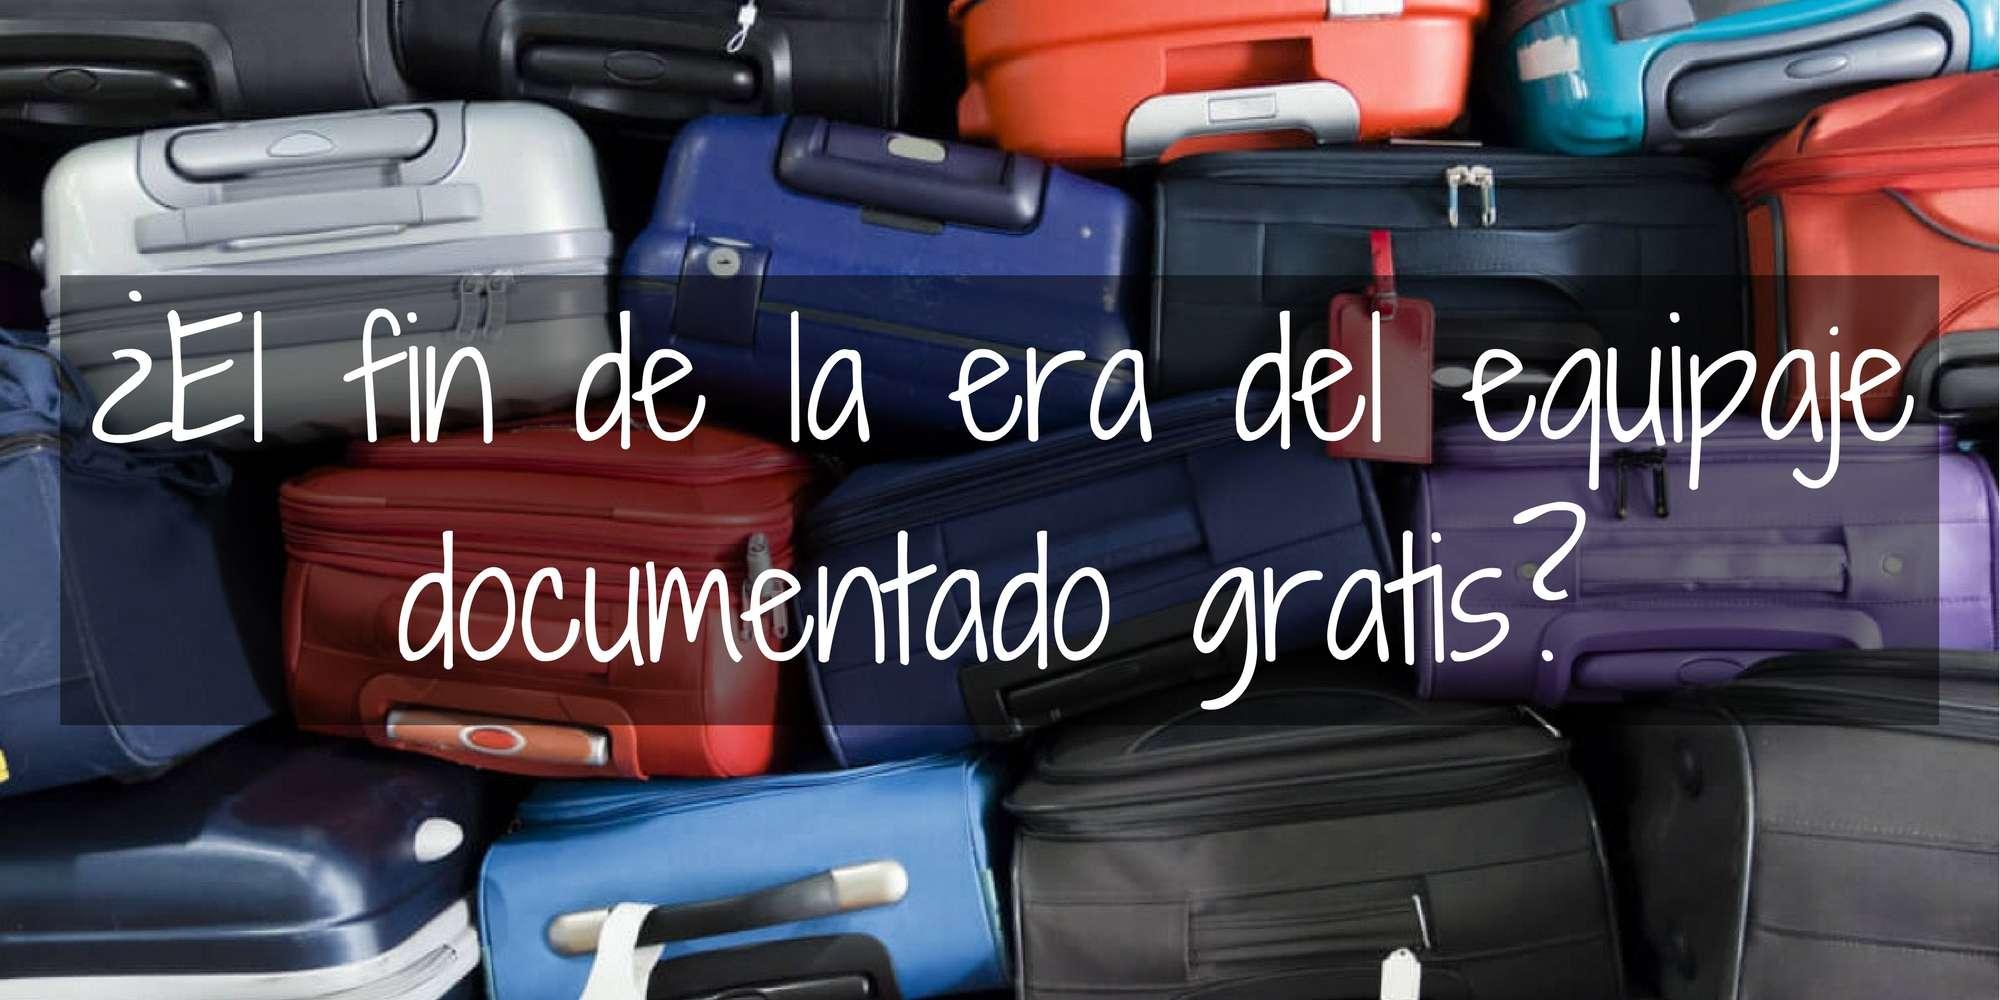 Adiós al equipaje documentado gratis! Empiezan Volaris y Aeroméxico!